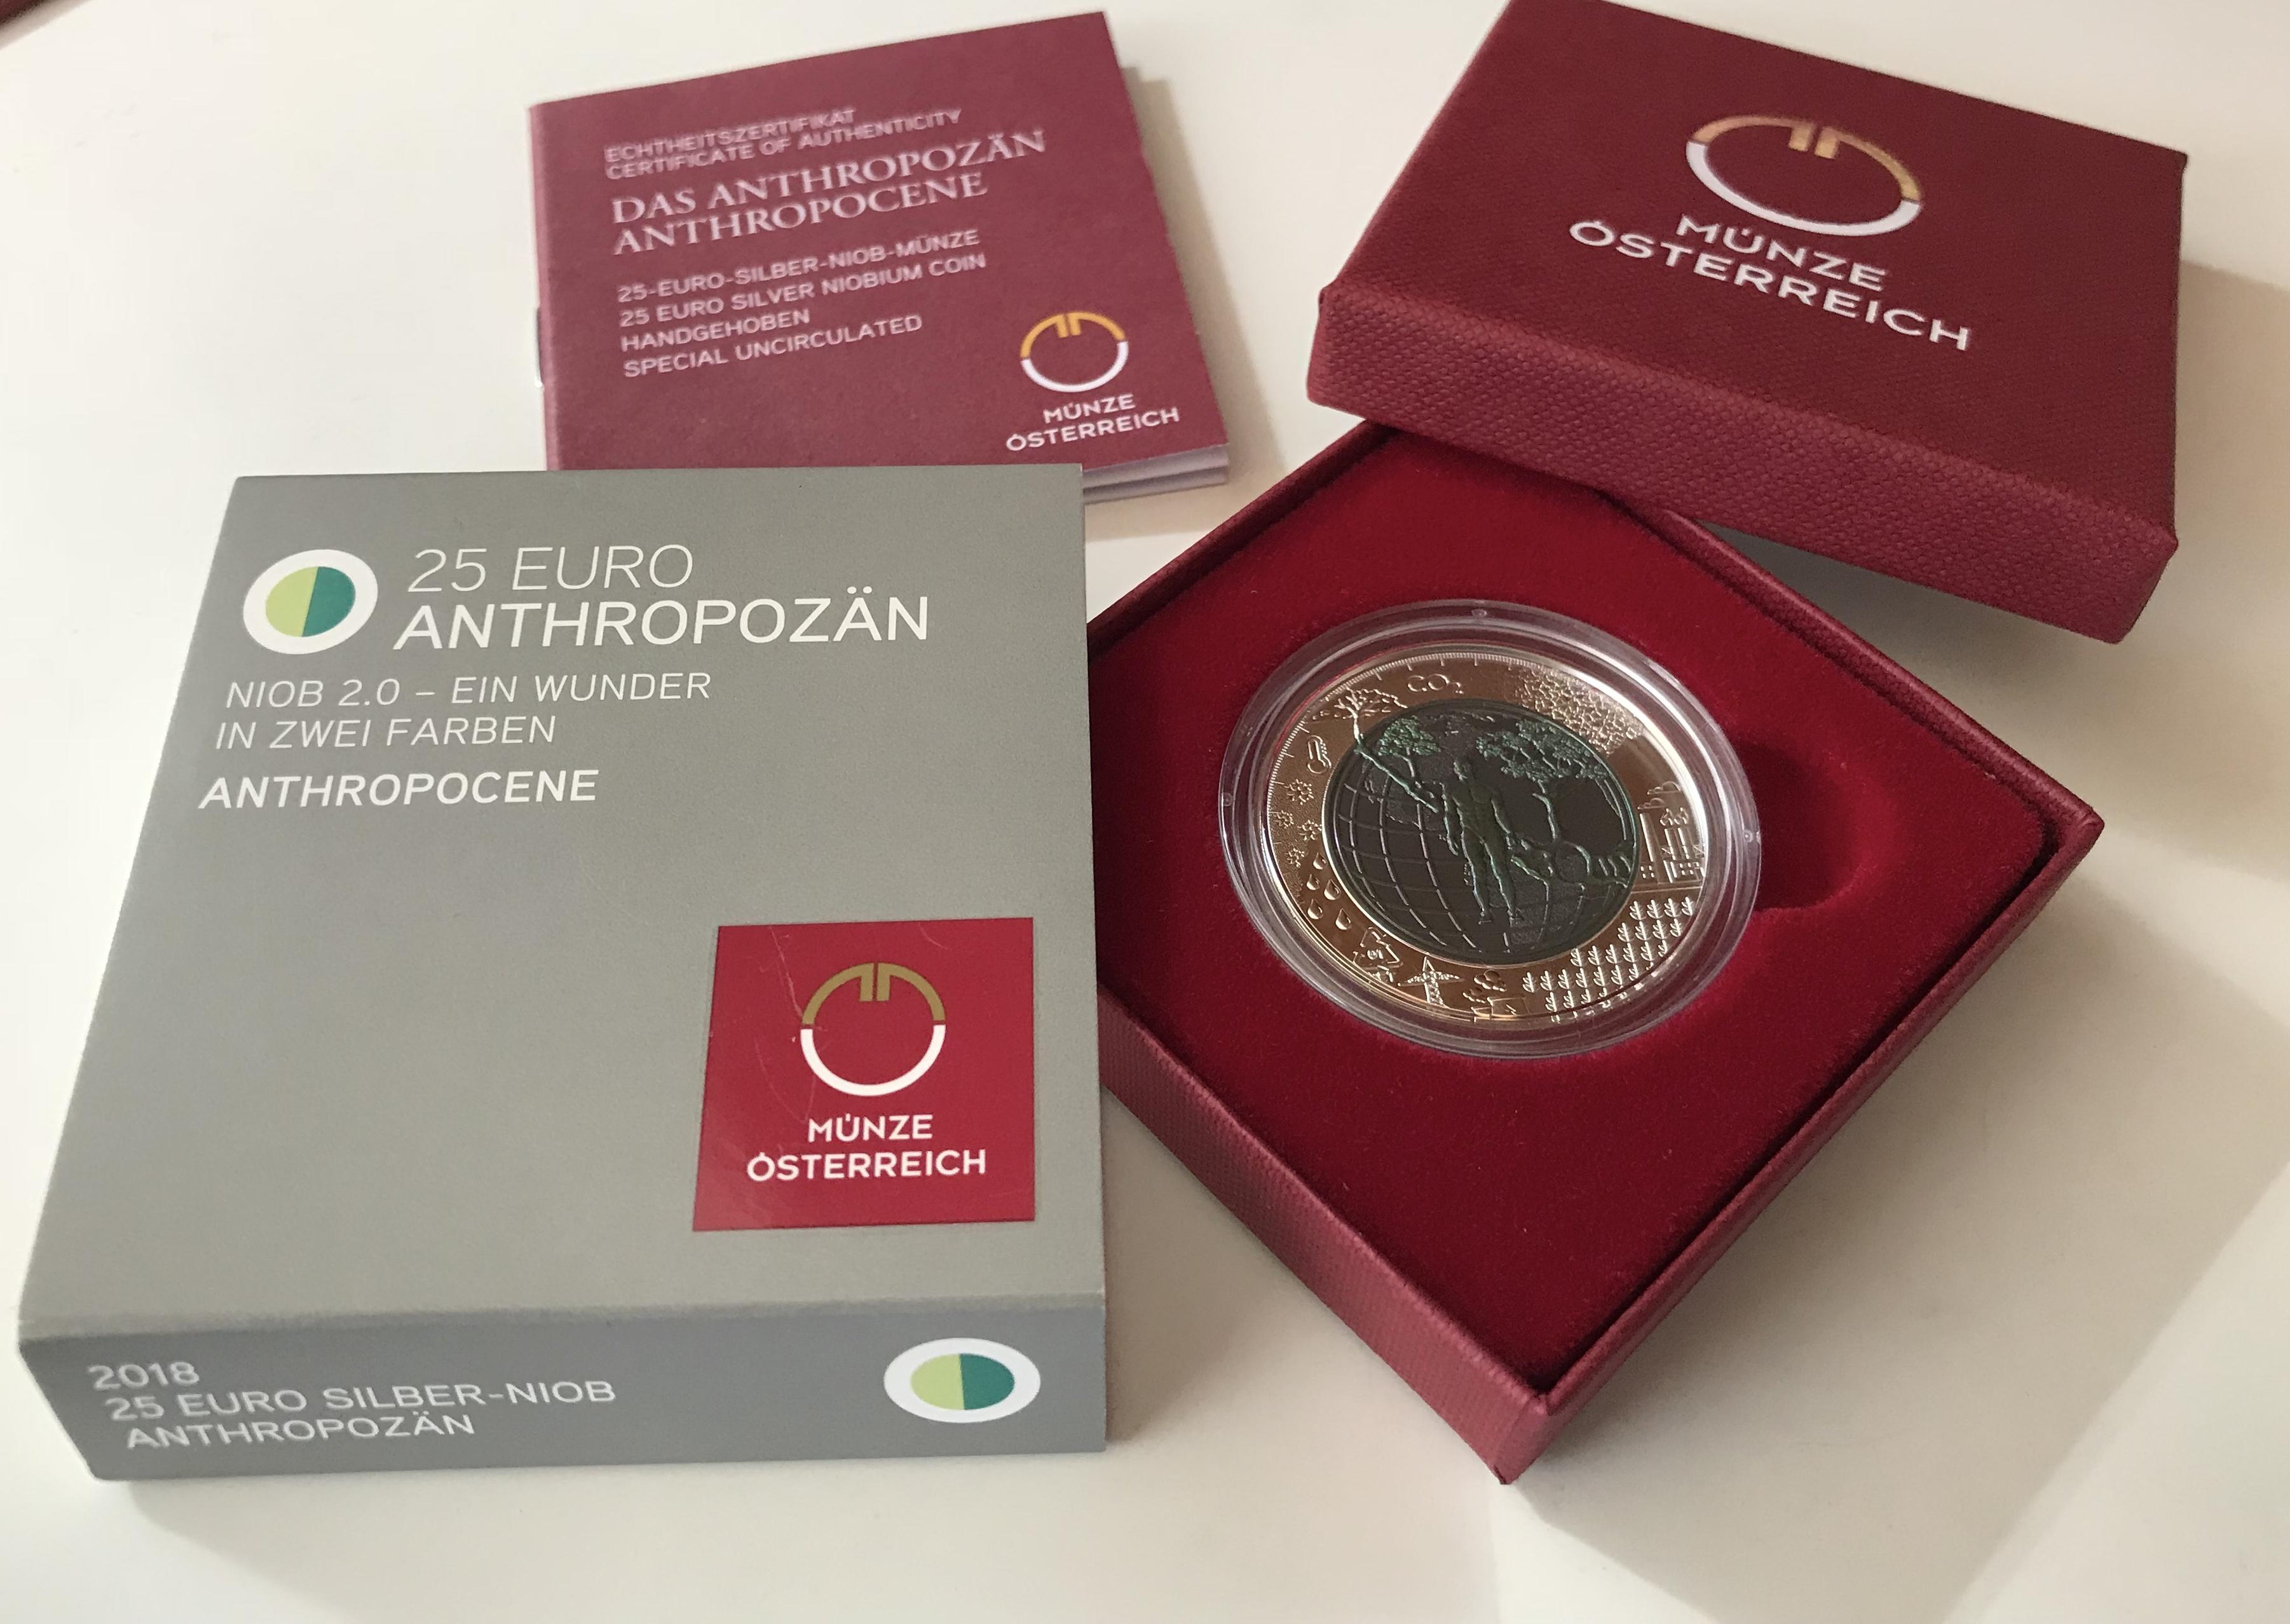 25 Euro Niob österreich 2018 Anthropozän Muenzhandel Kissercom